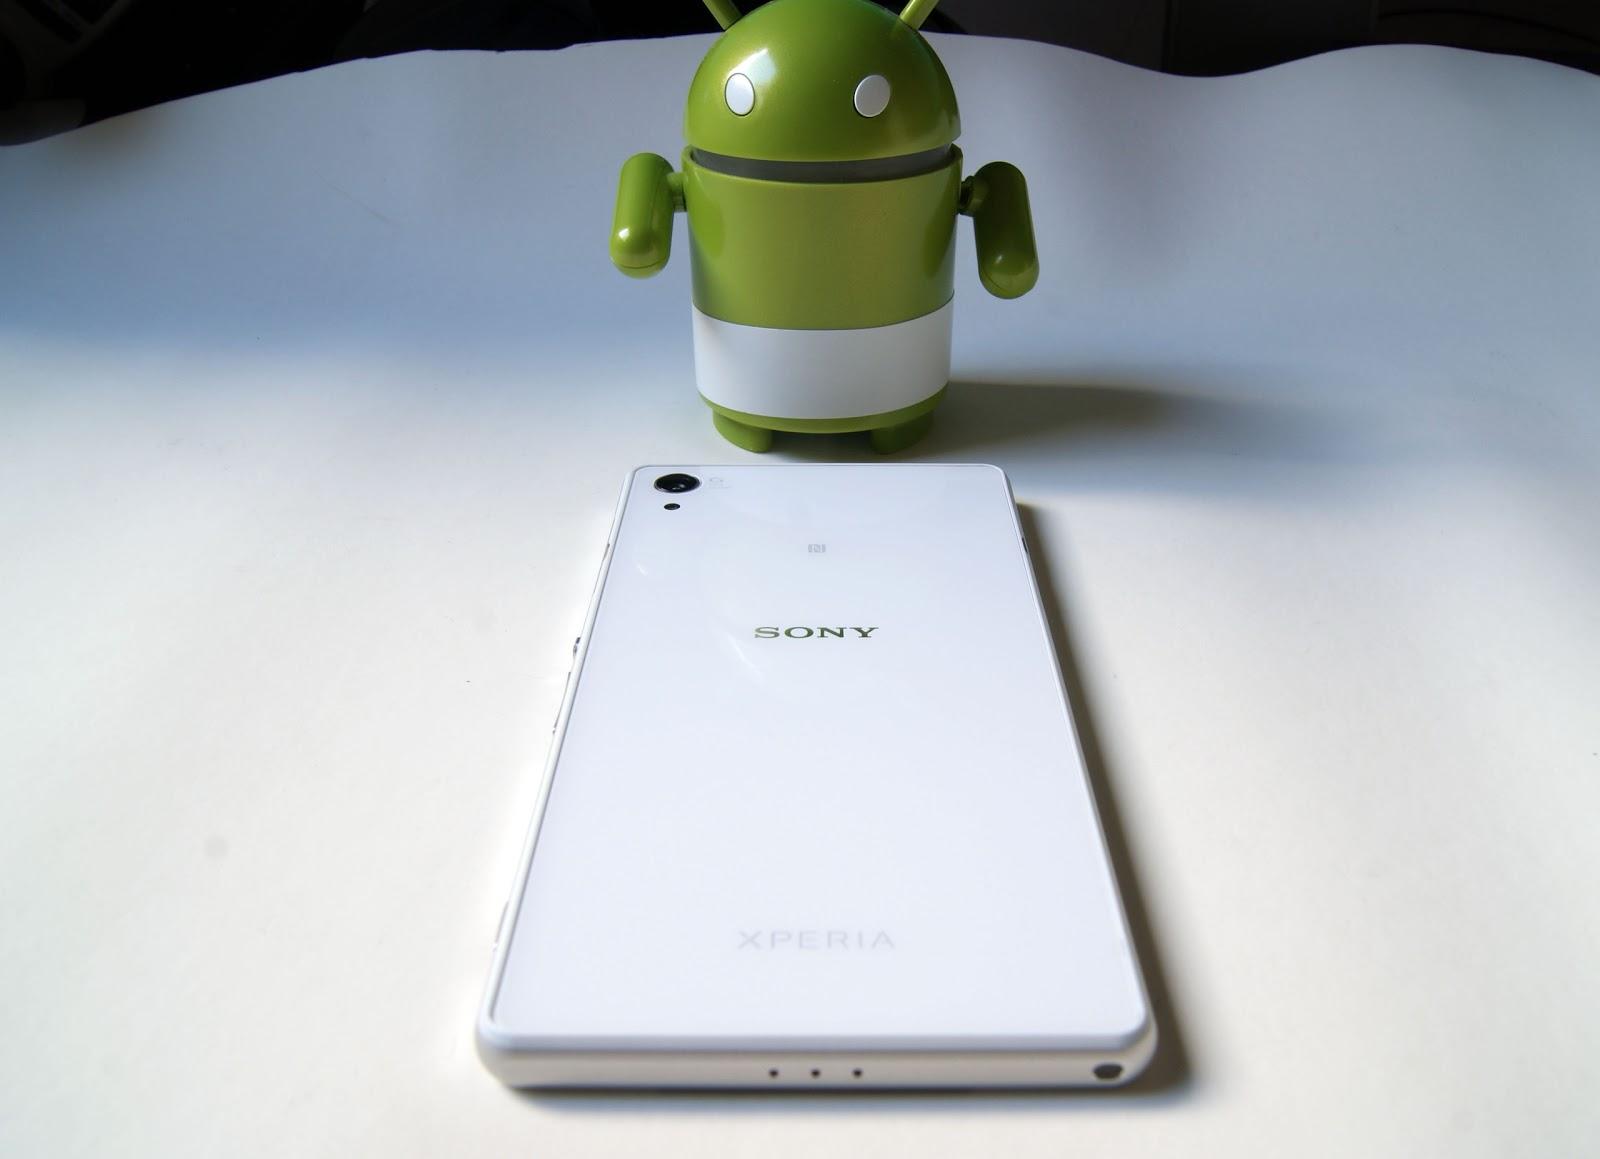 Sony Xperia Z2 - parte trasera - construcción de calidad